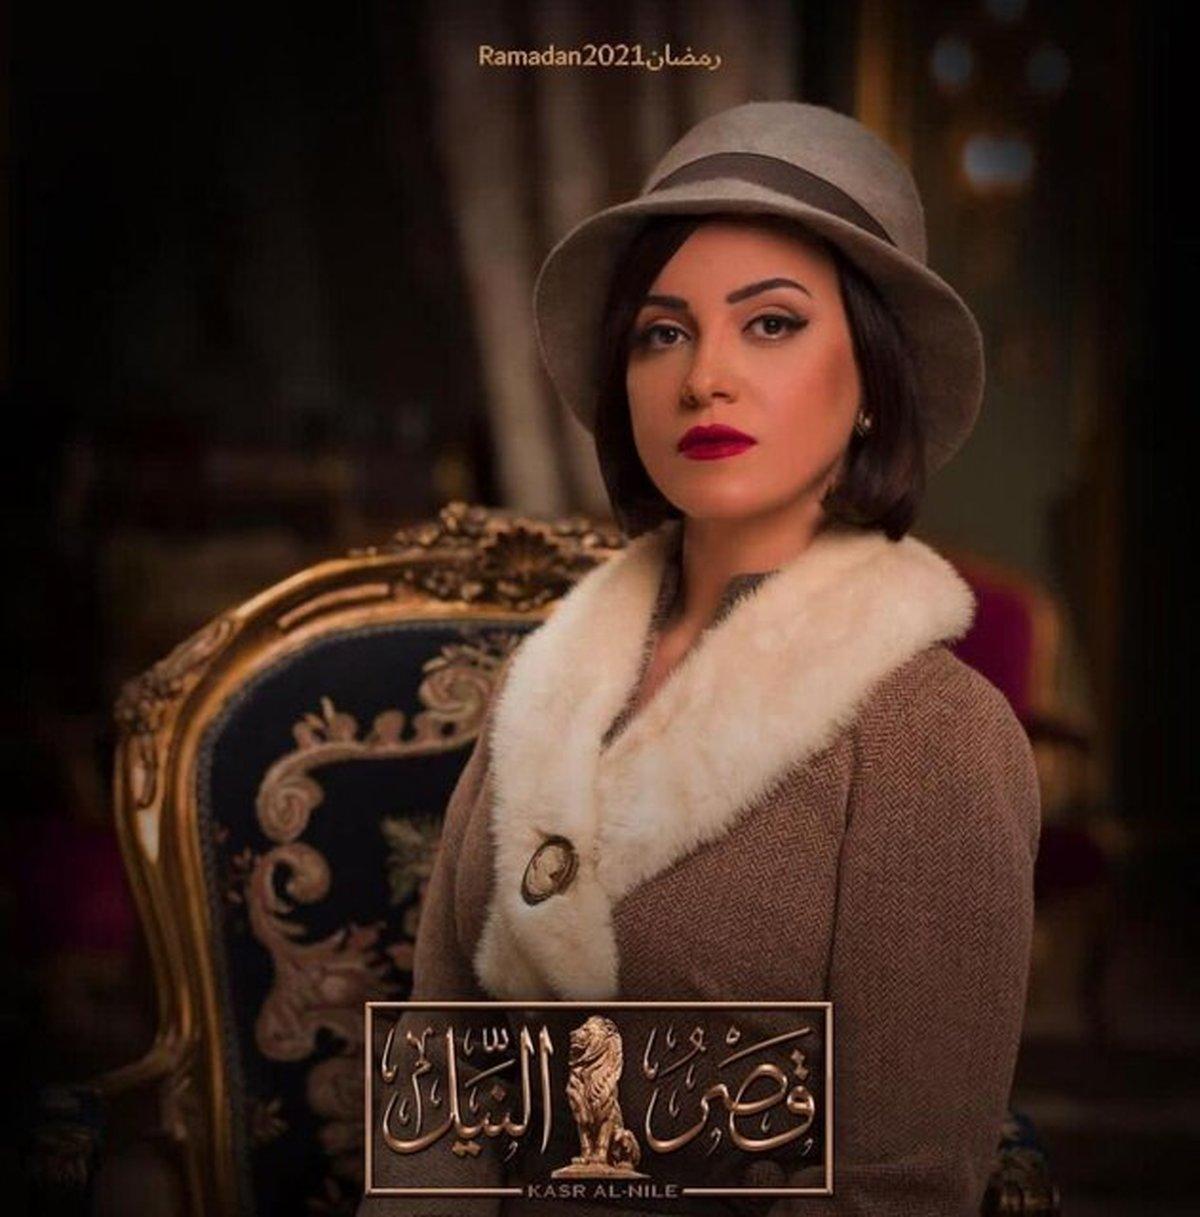 انتقاد به پوشش بازیگران در سریال تاریخی رمضان